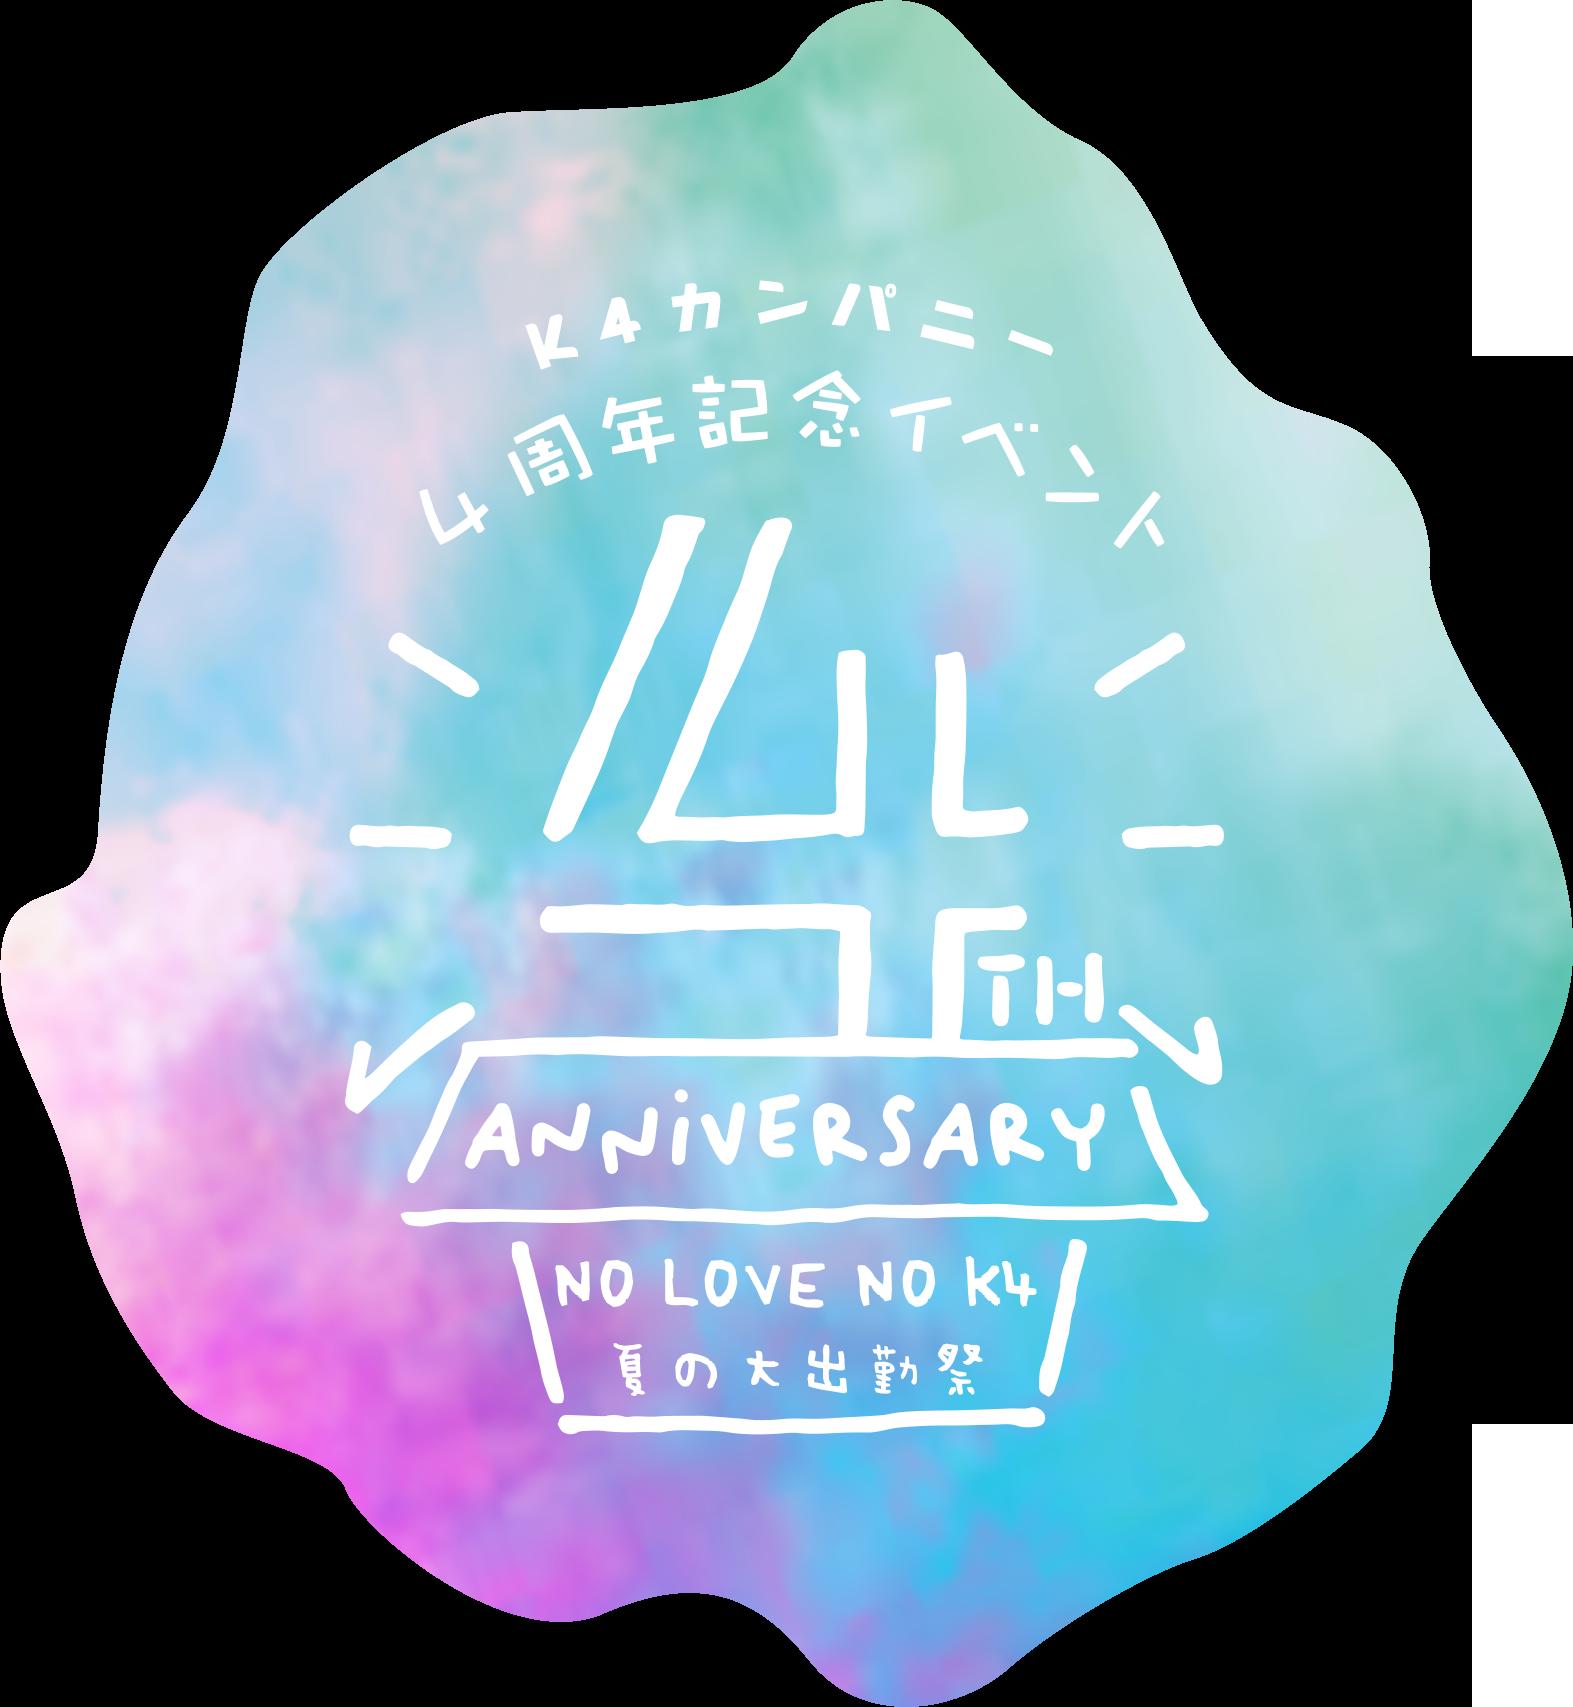 K4カンパニー「4周年記念イベント~NO LOVE NO K4夏の大出勤祭~」